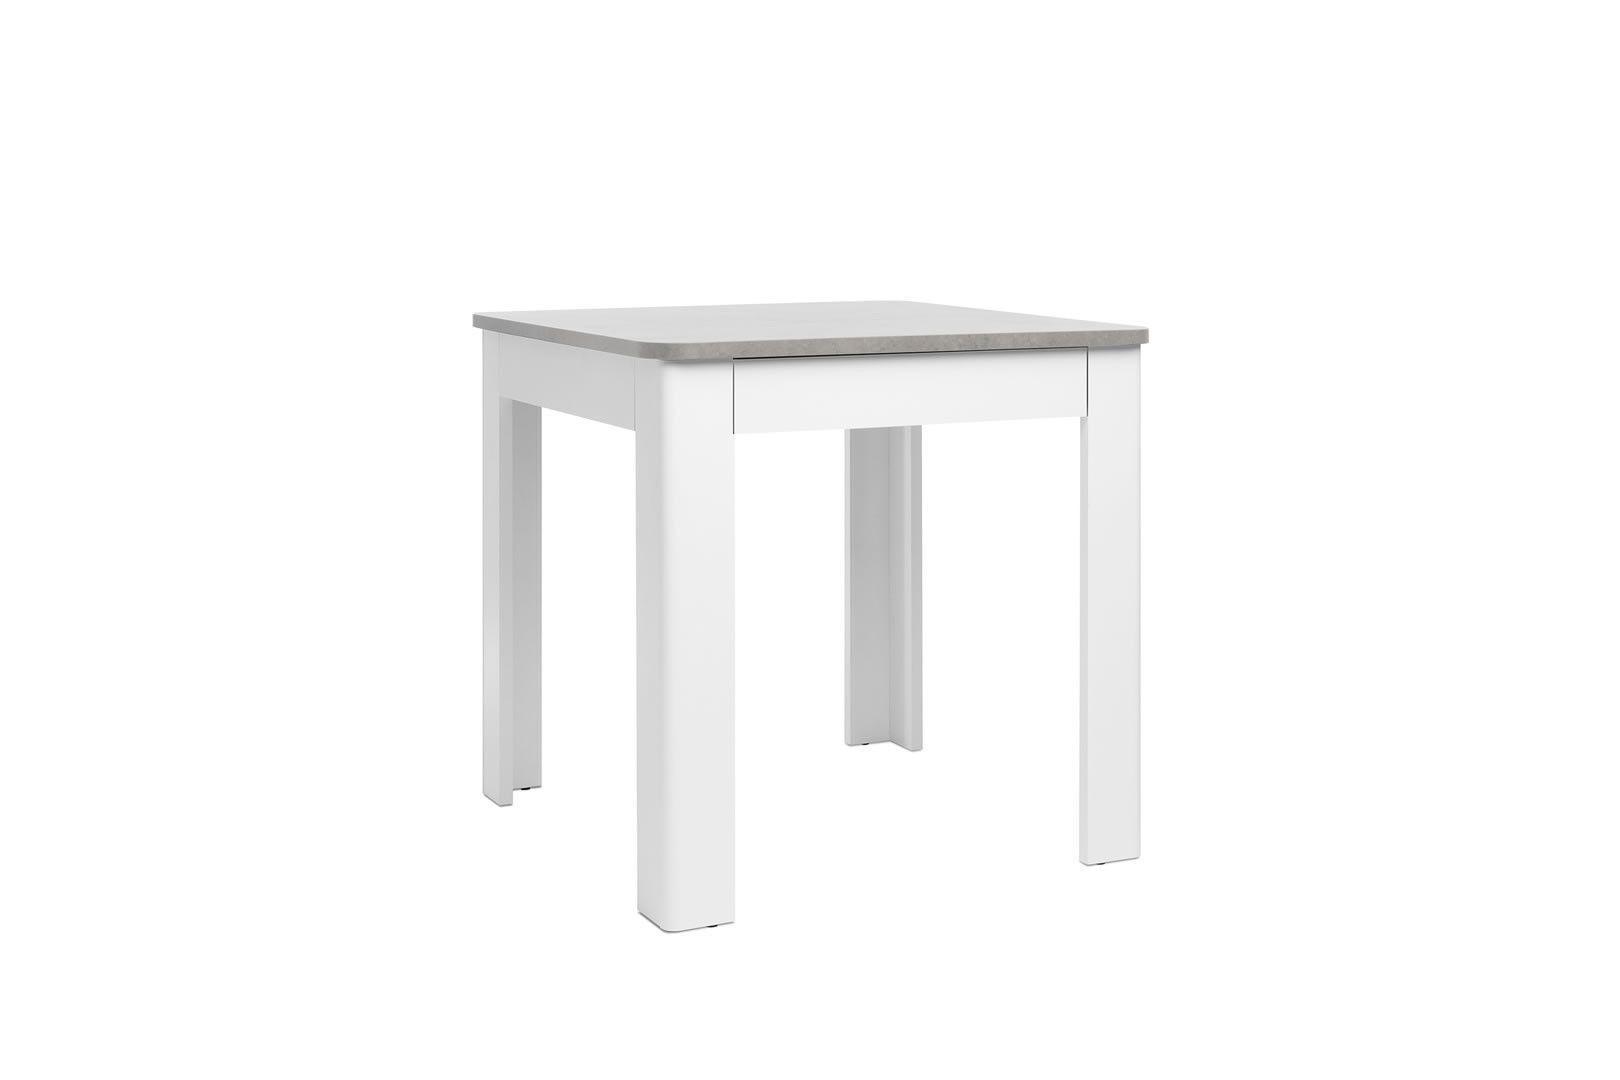 Tables De Cuisine Table Carr 80 X 80 Cm Avec Tiroir